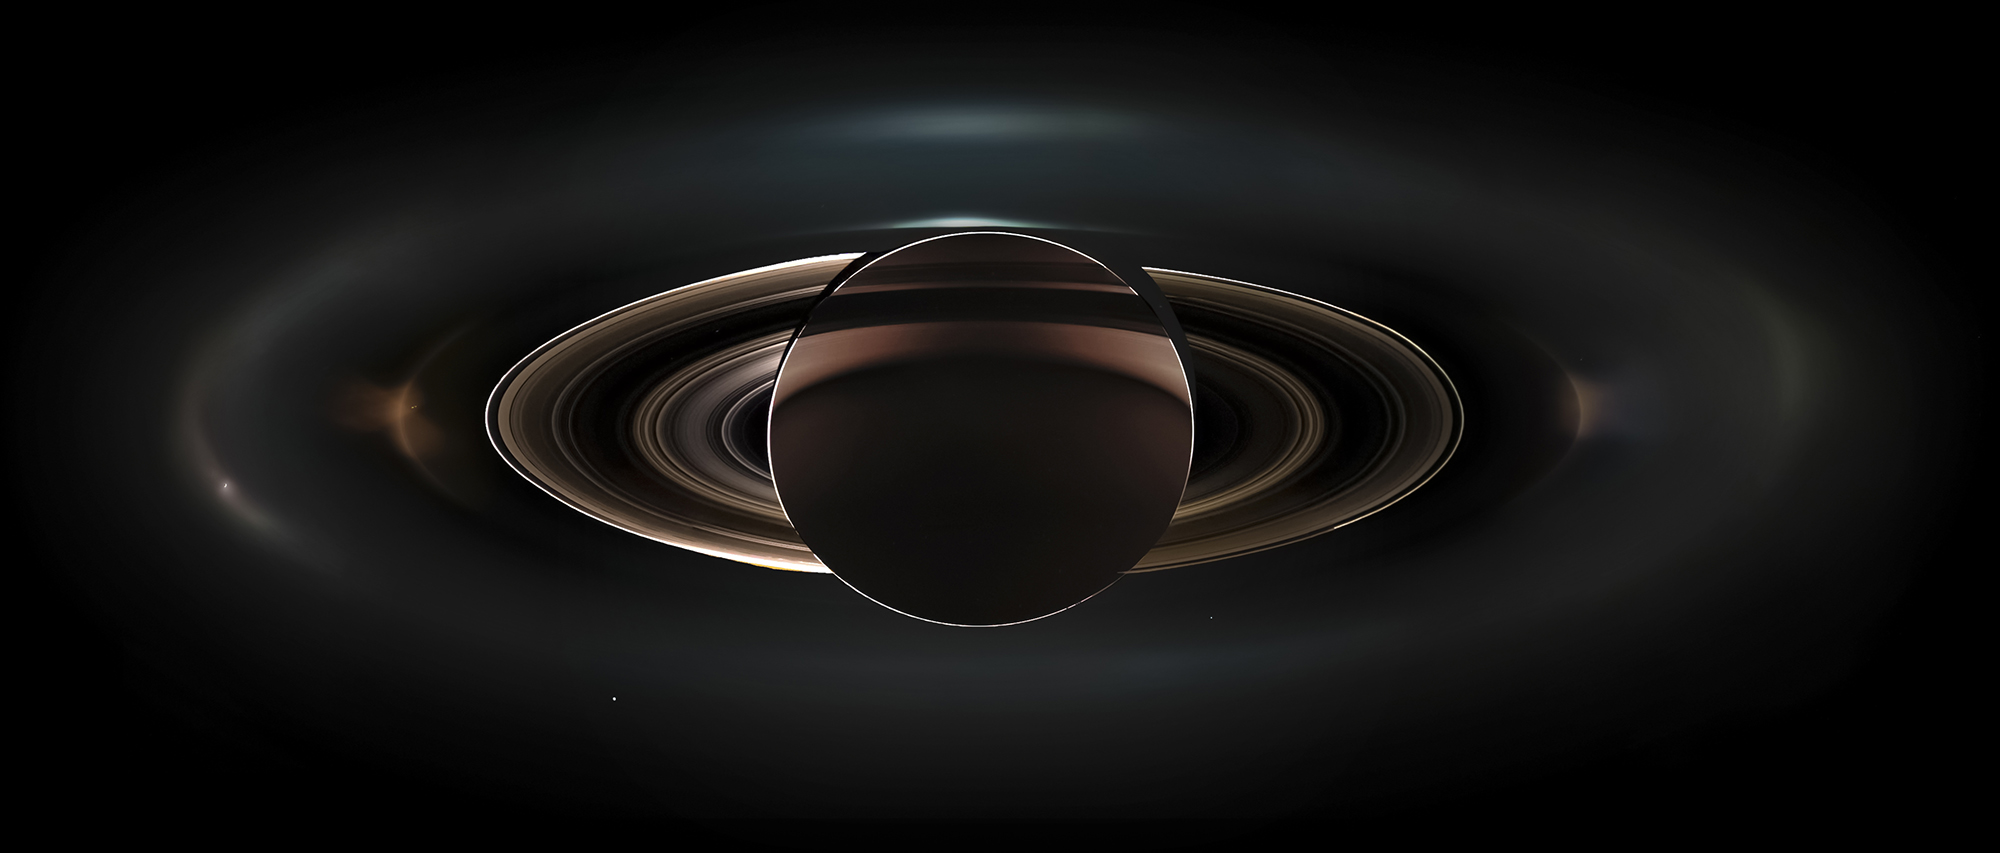 Панорамная фотография Сатурна, полученная 19 июля 2013 года аппаратом Кассини. В разряженном кольце слева - белая точка это Энцелад. Земля видна ниже и правее центра снимка.